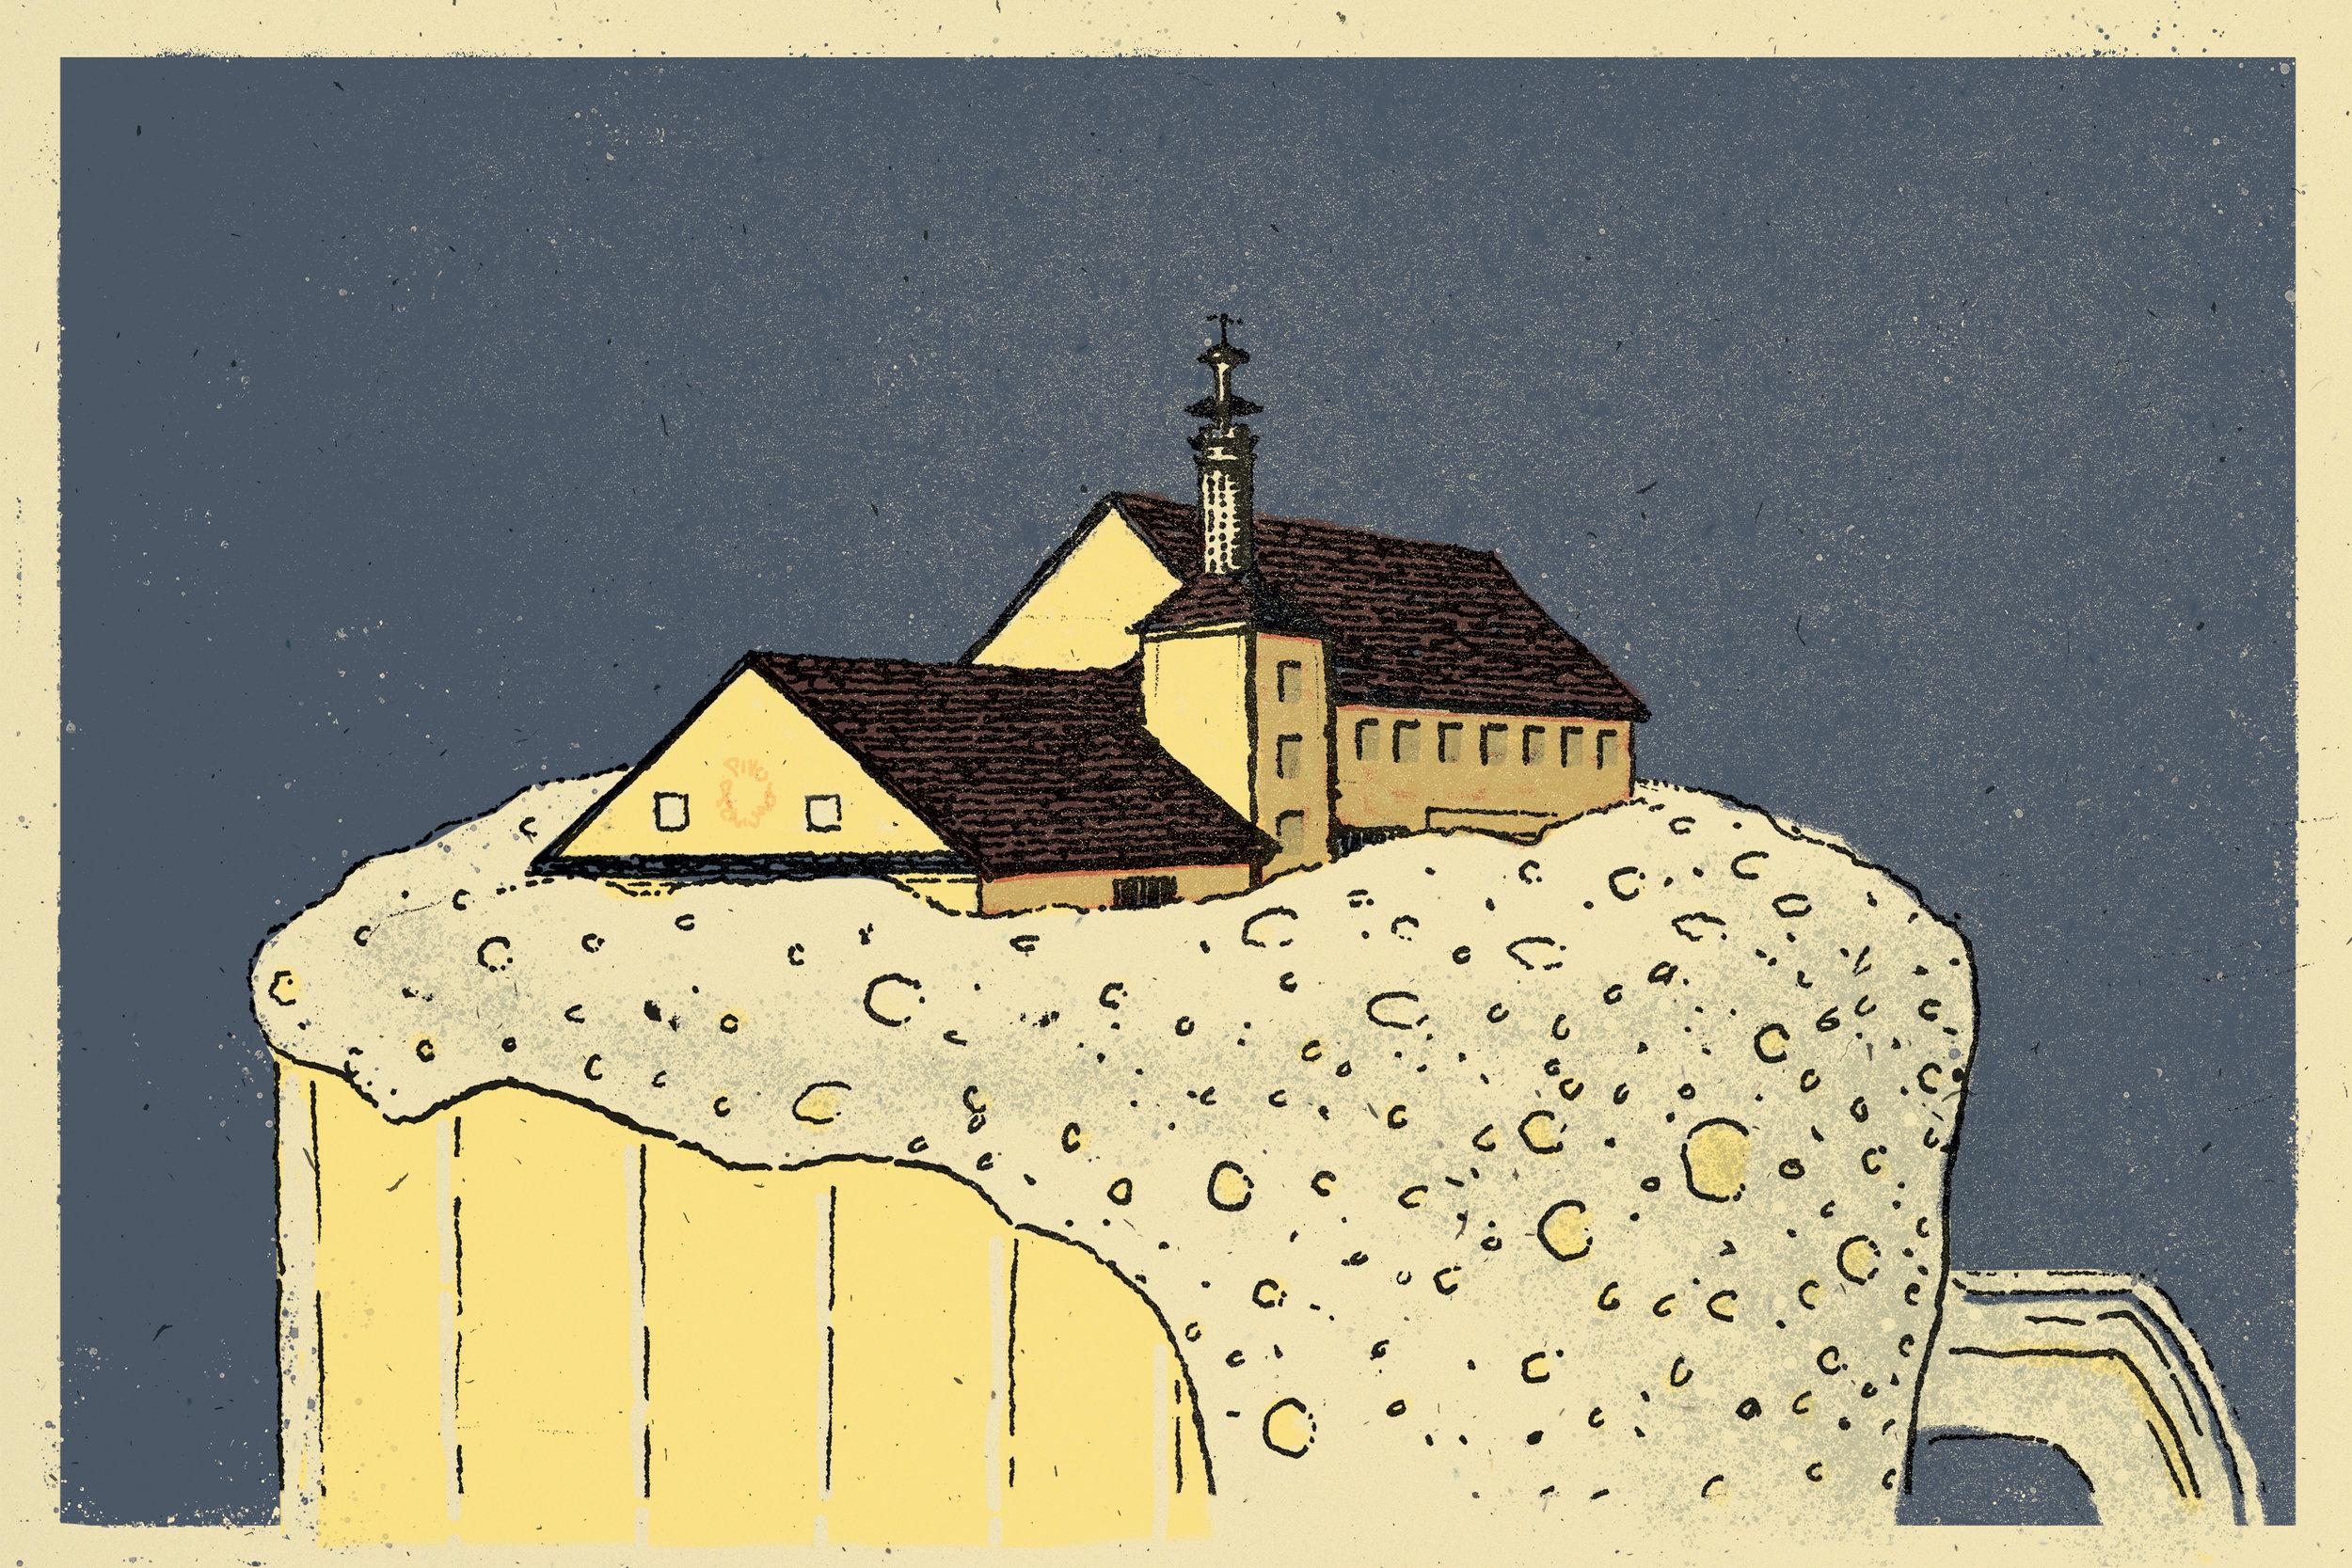 chlapek-brewery-2000x3000.jpg